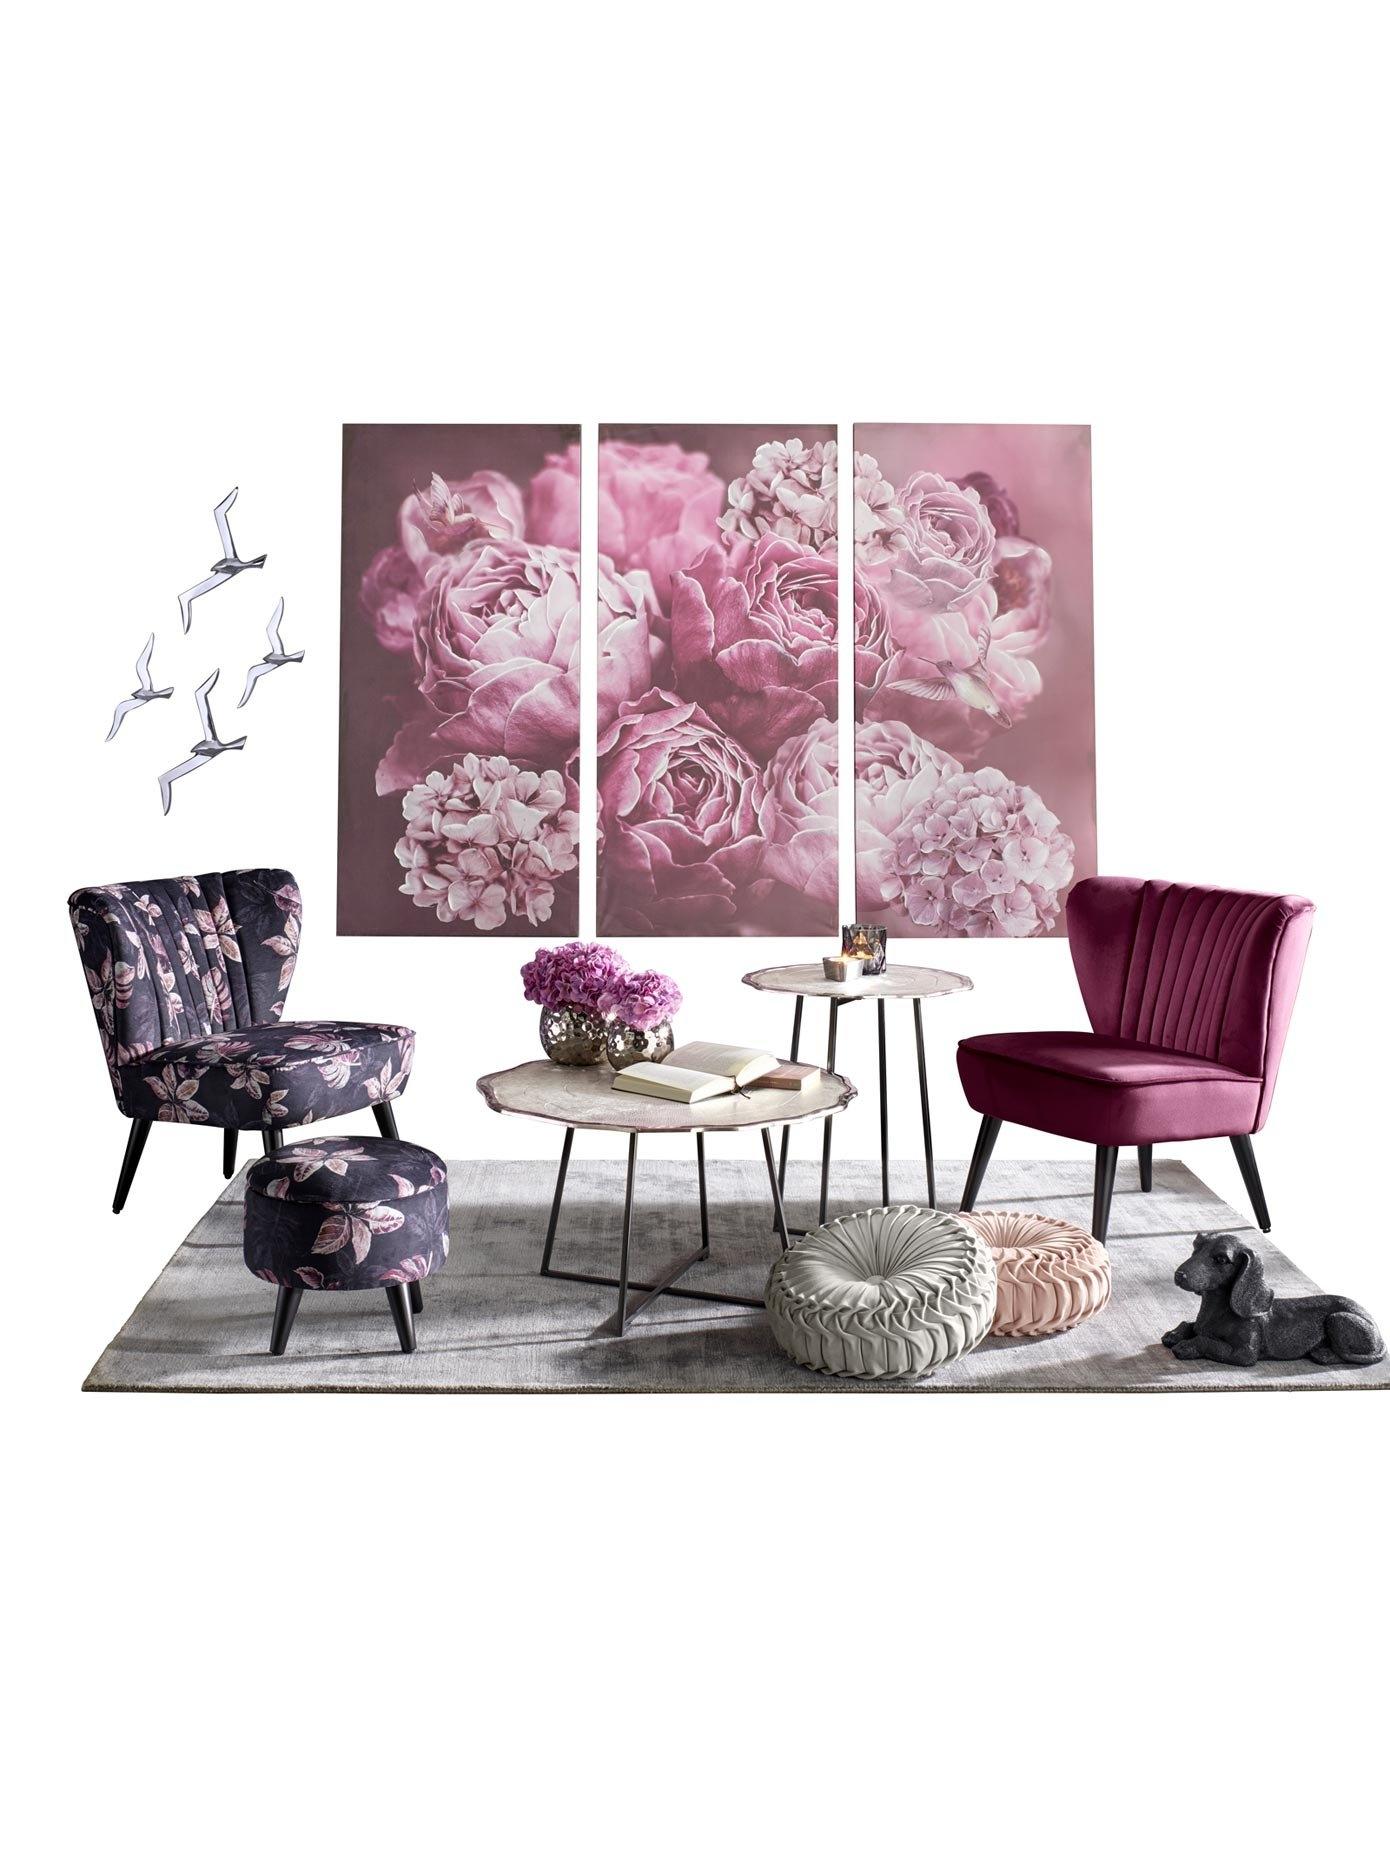 heine home wanddecoratie online kopen op otto.nl